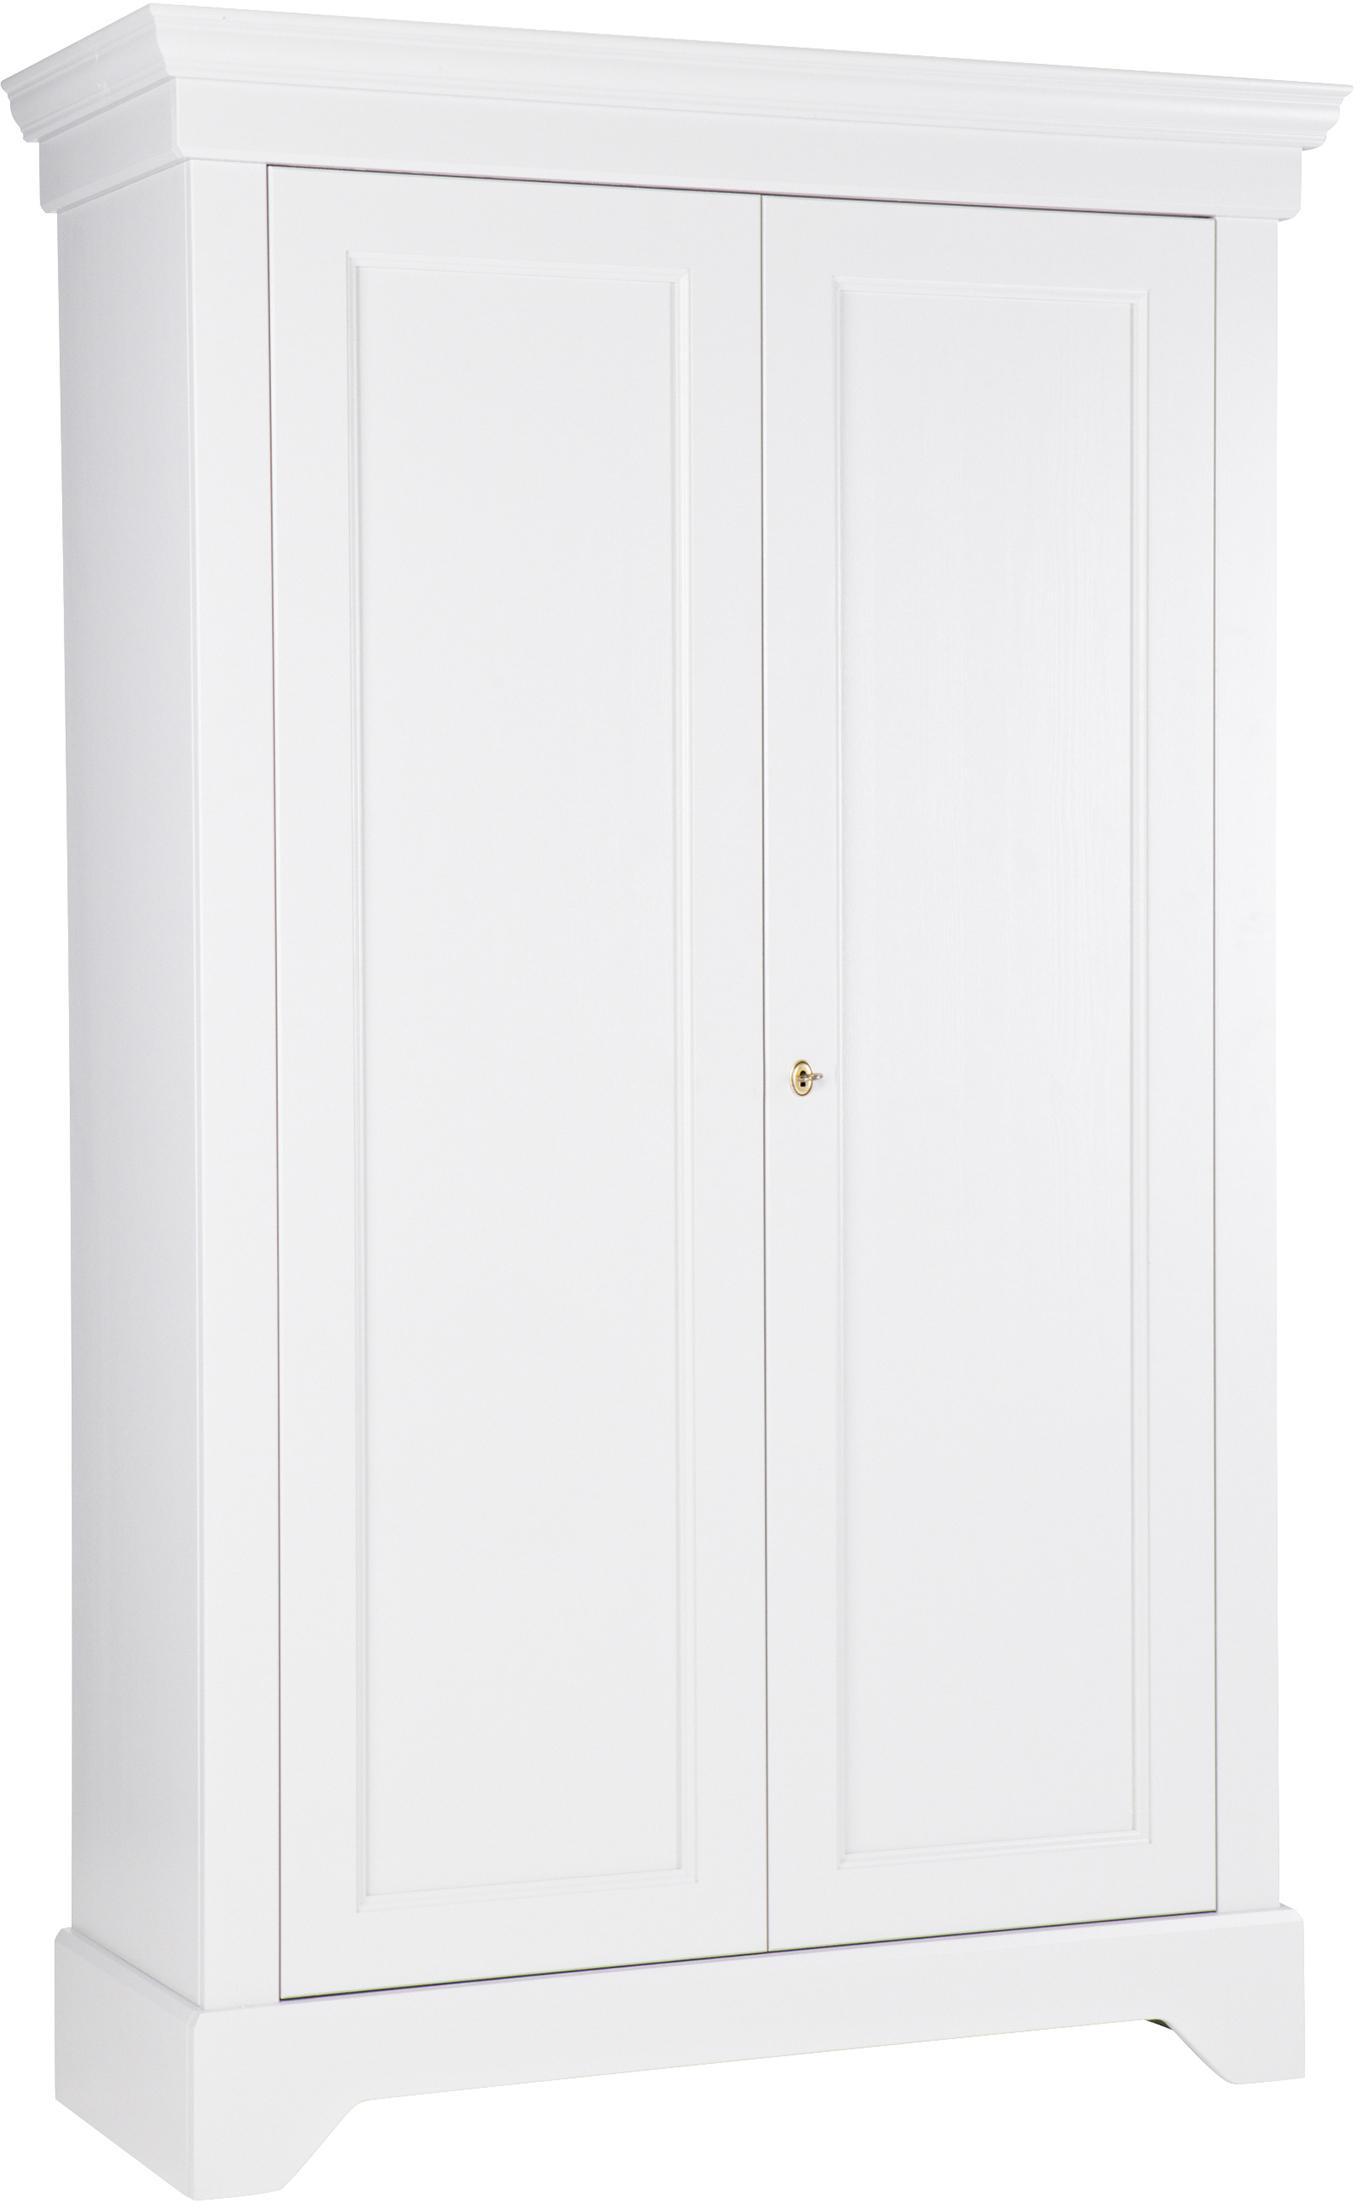 Kledingkast Isabel van grenenhout, Frame: gelakt grenenhout, Wit, 118 x 191 cm